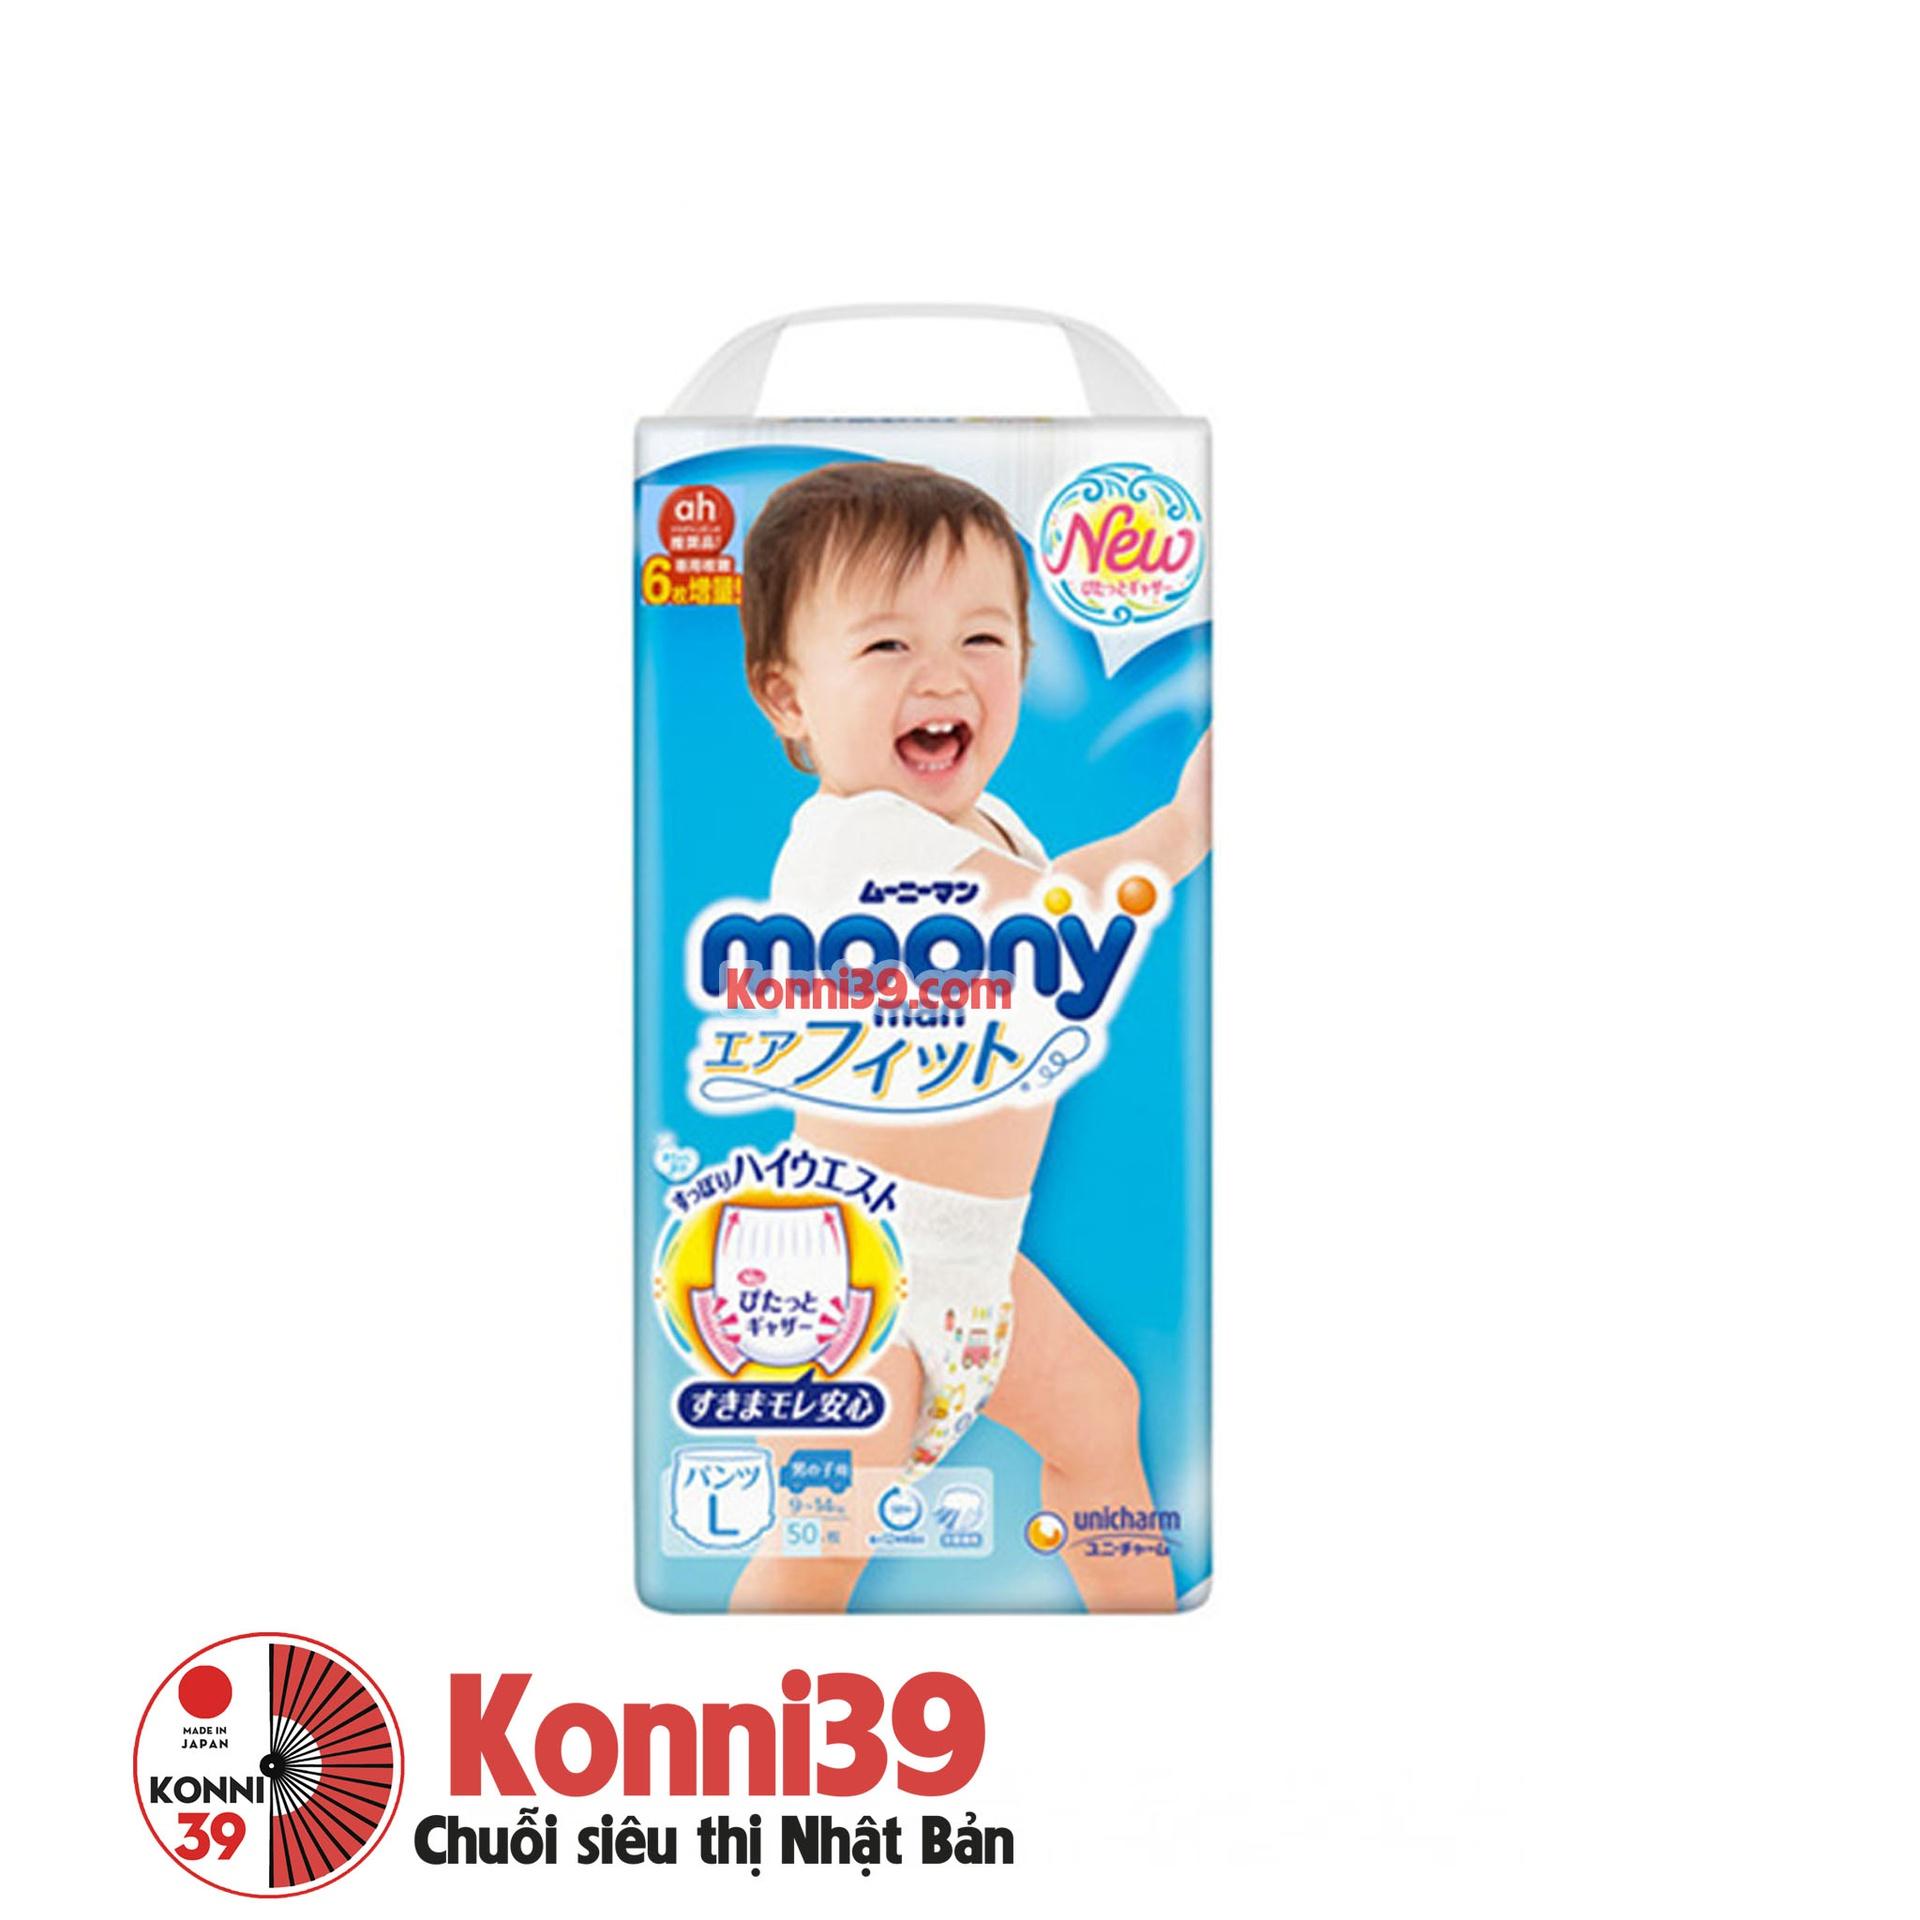 Bỉm quần Unicharm Moony cộng miếng (nhiều size) - Chuỗi siêu thị Nhật Bản  nội địa - Made in Japan Konni39 tại Việt Nam